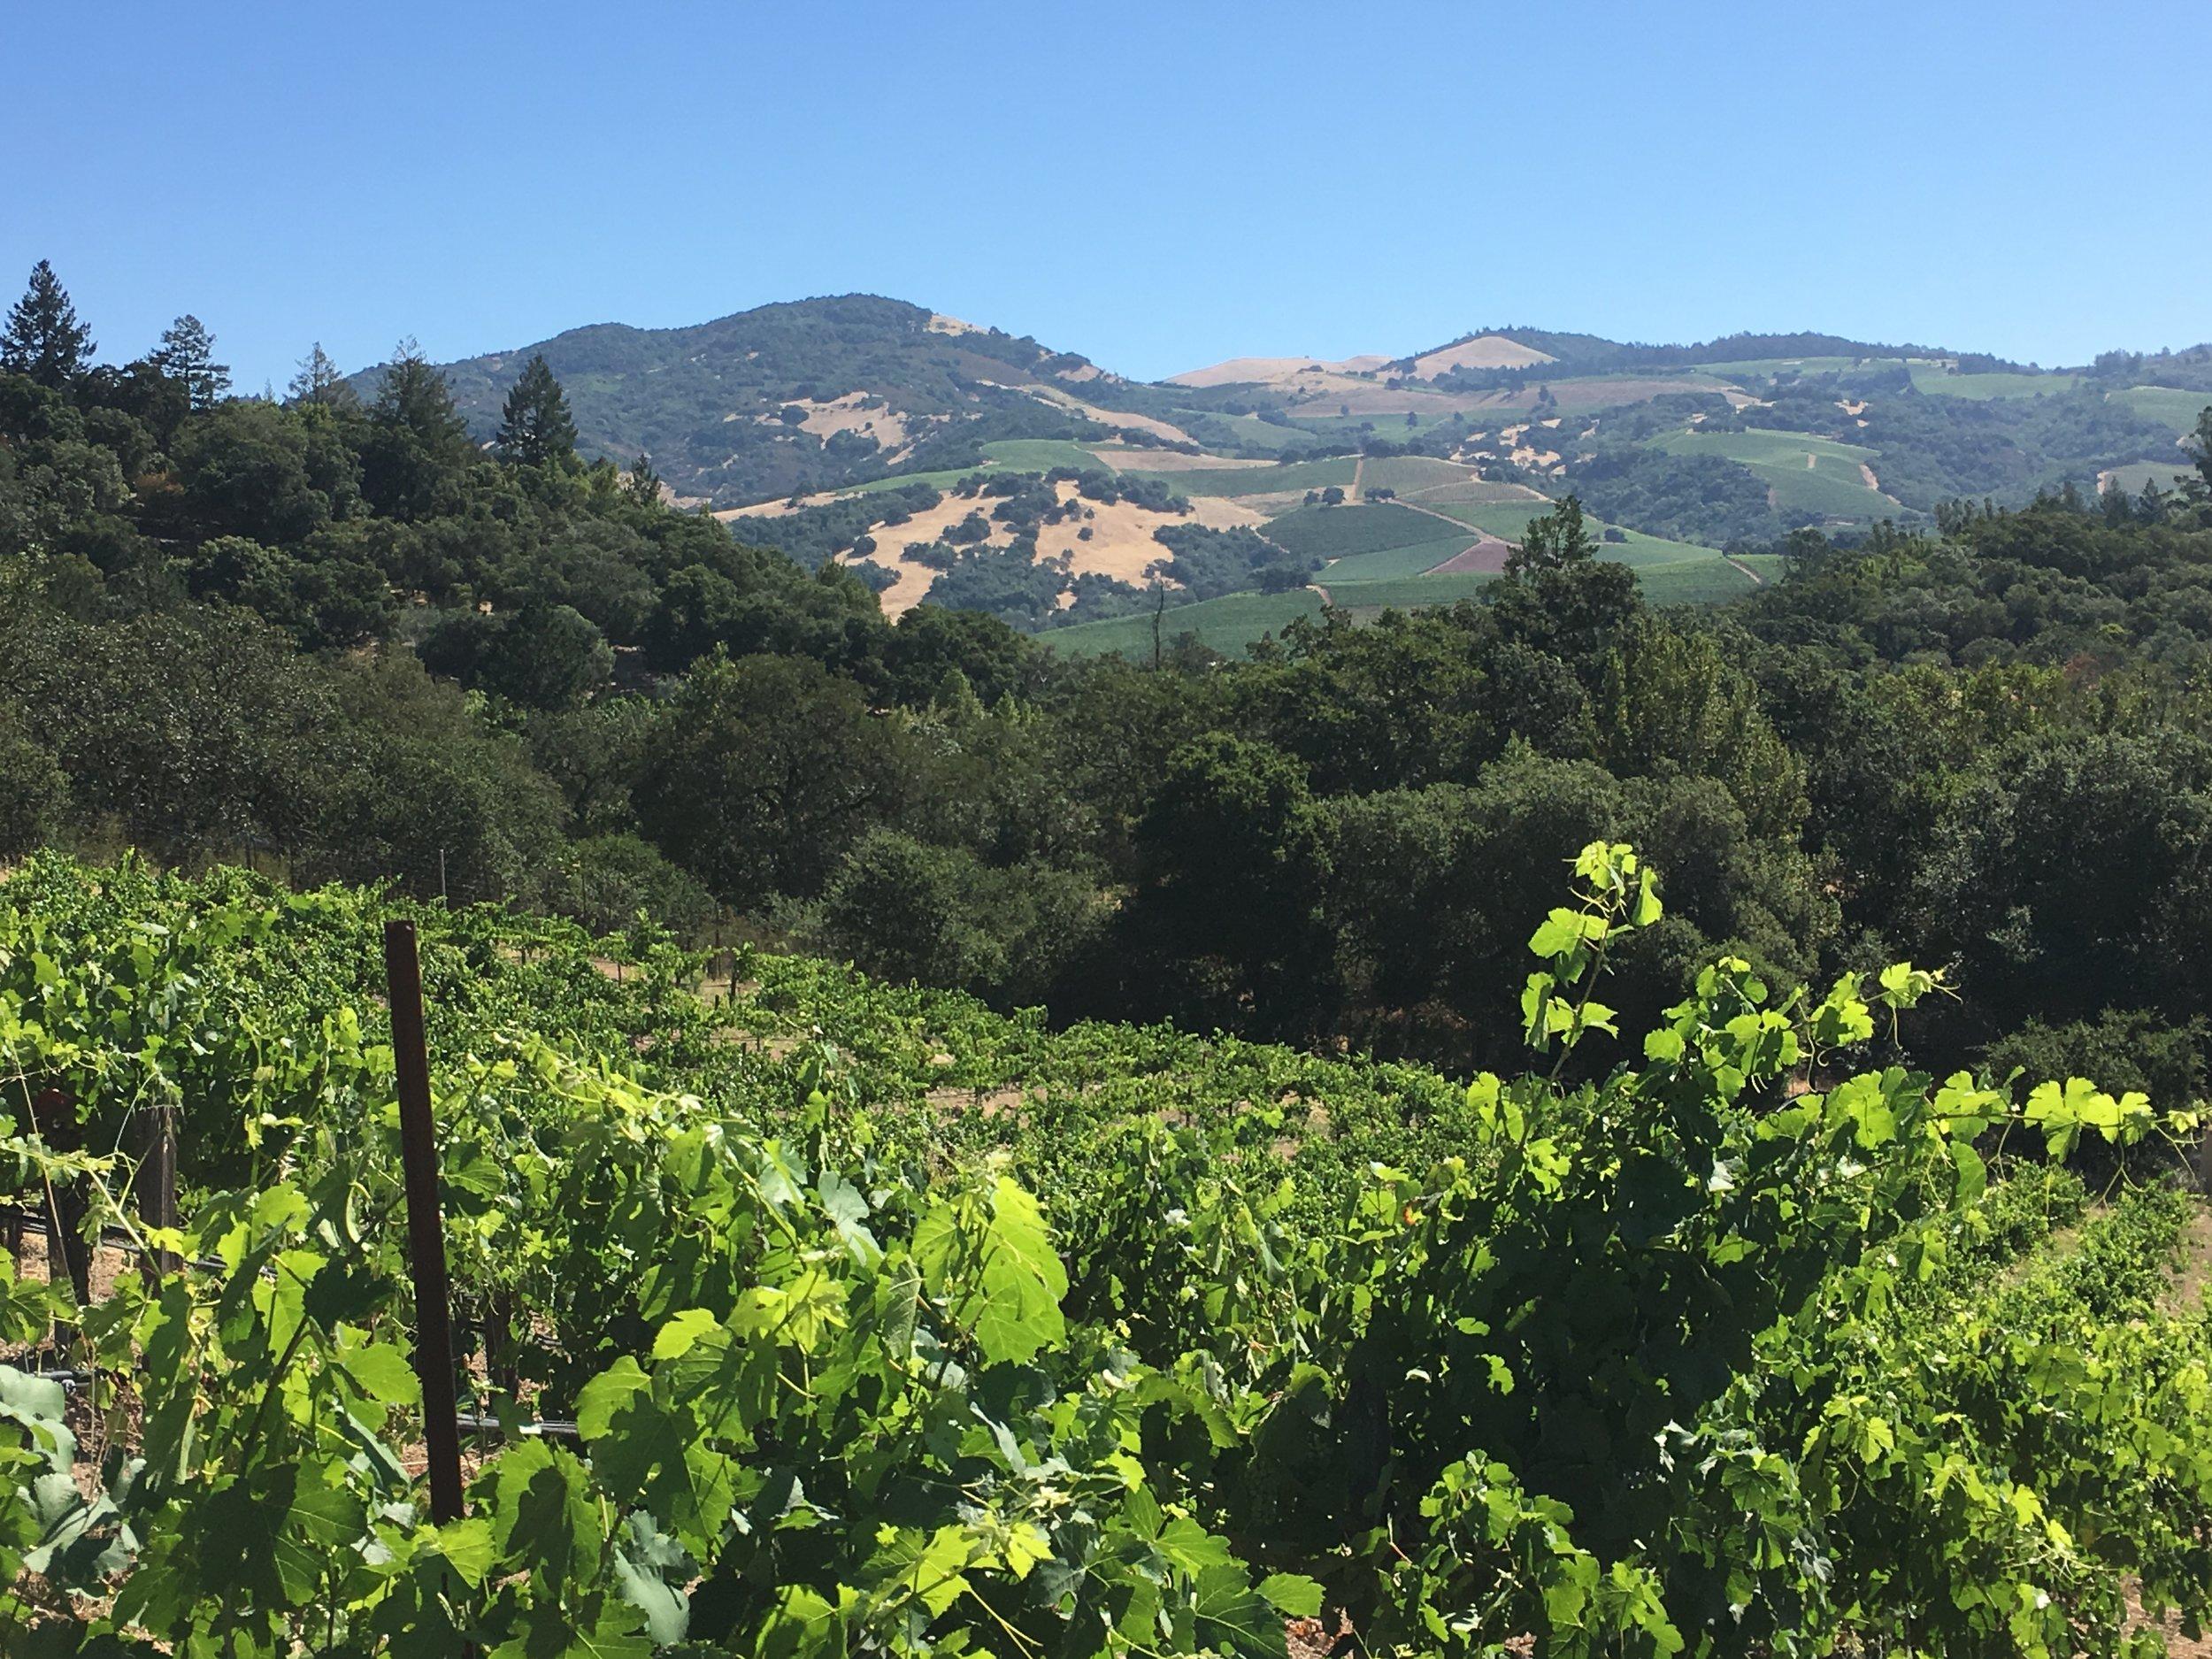 View across Sonoma Valley